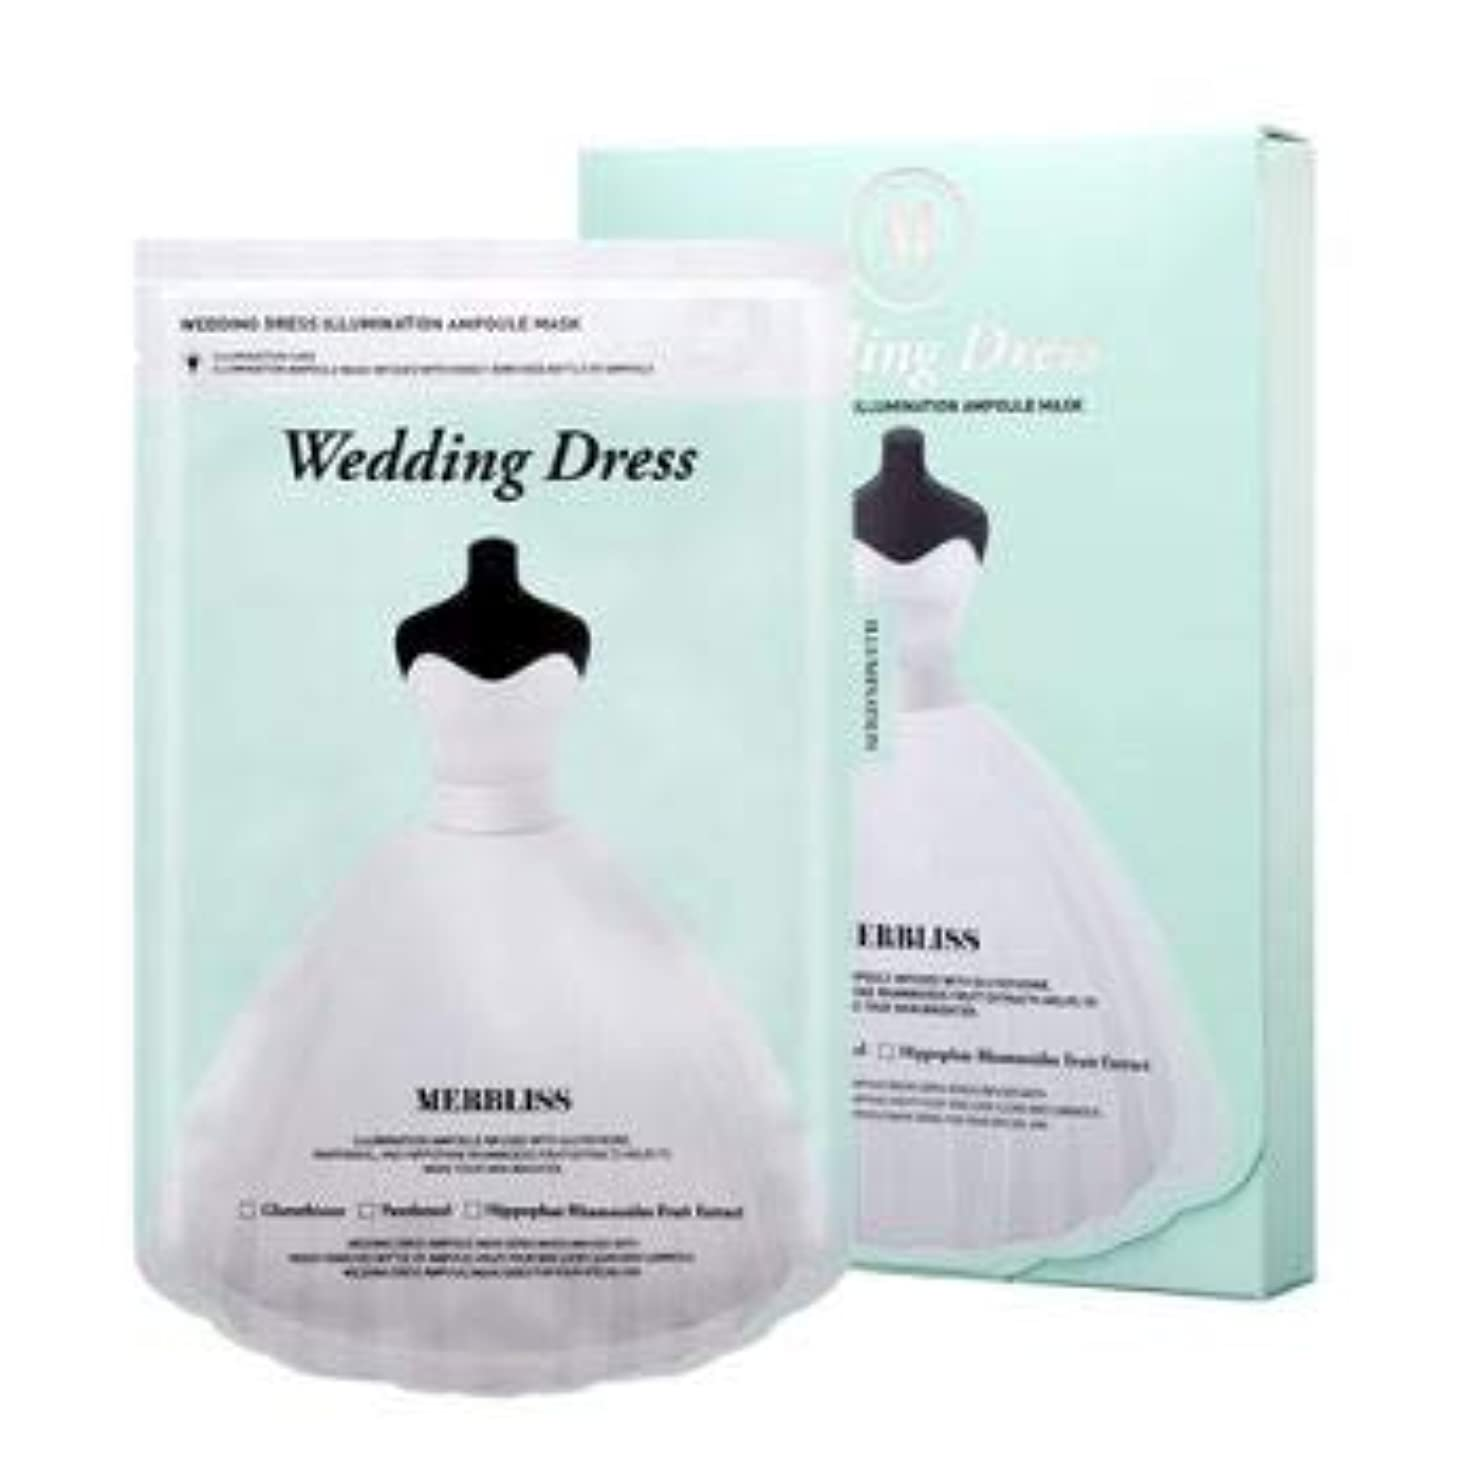 クラッシュぬいぐるみ郵便屋さん[Merbliss] Wedding Dress Illumination Ampoule Mask 25gx5ea /ウェディングドレスイルミネーションアンプルマスク25gx5枚 [並行輸入品]